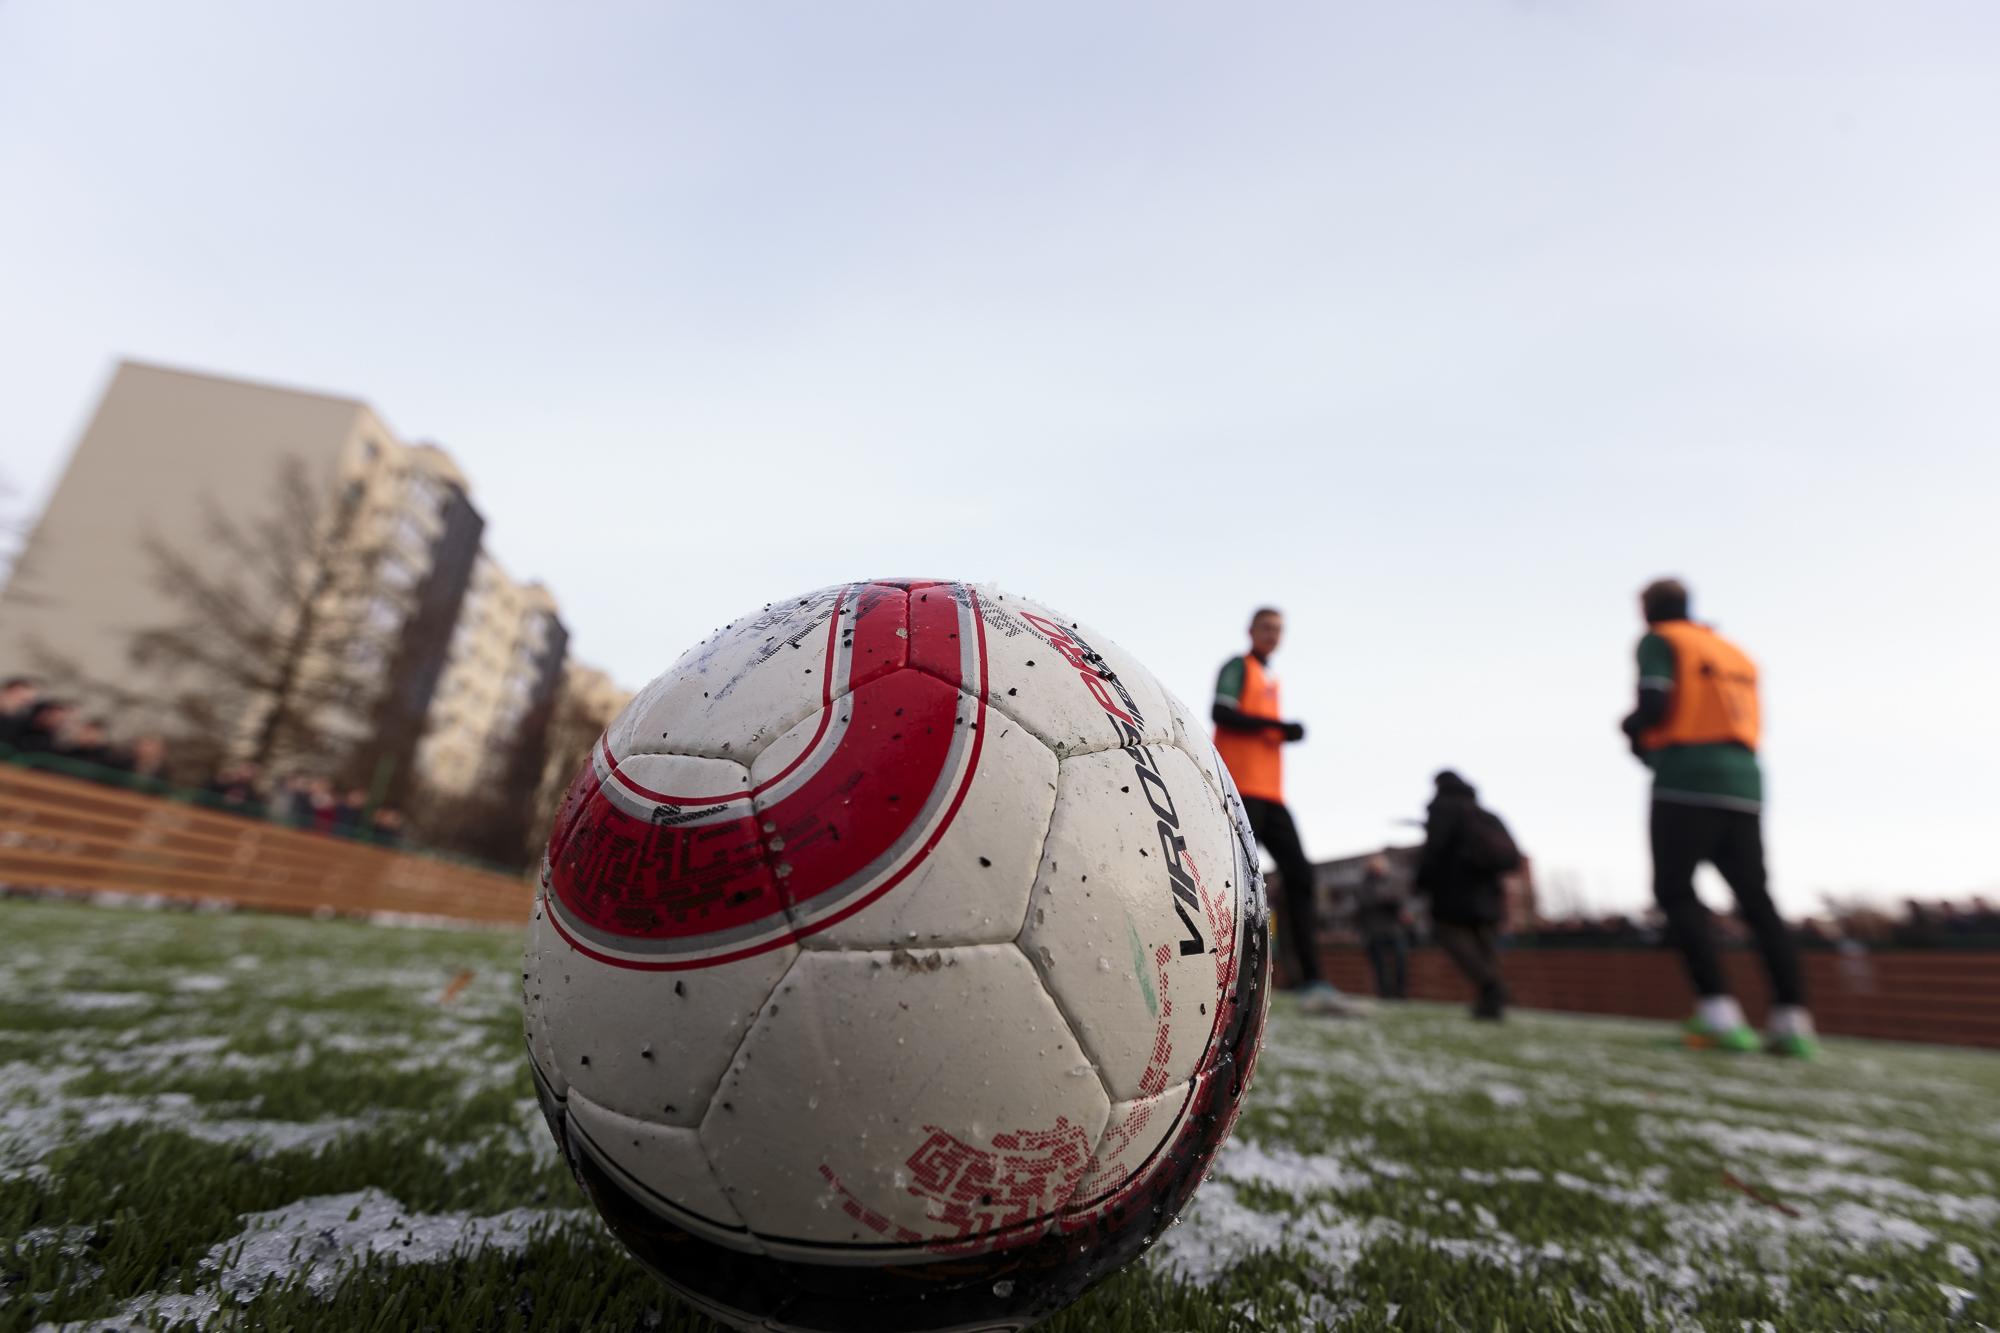 Klaida UEFA sistemoje futbolo sirgalius paliko ir be bilietų, ir be pinigų - LRT